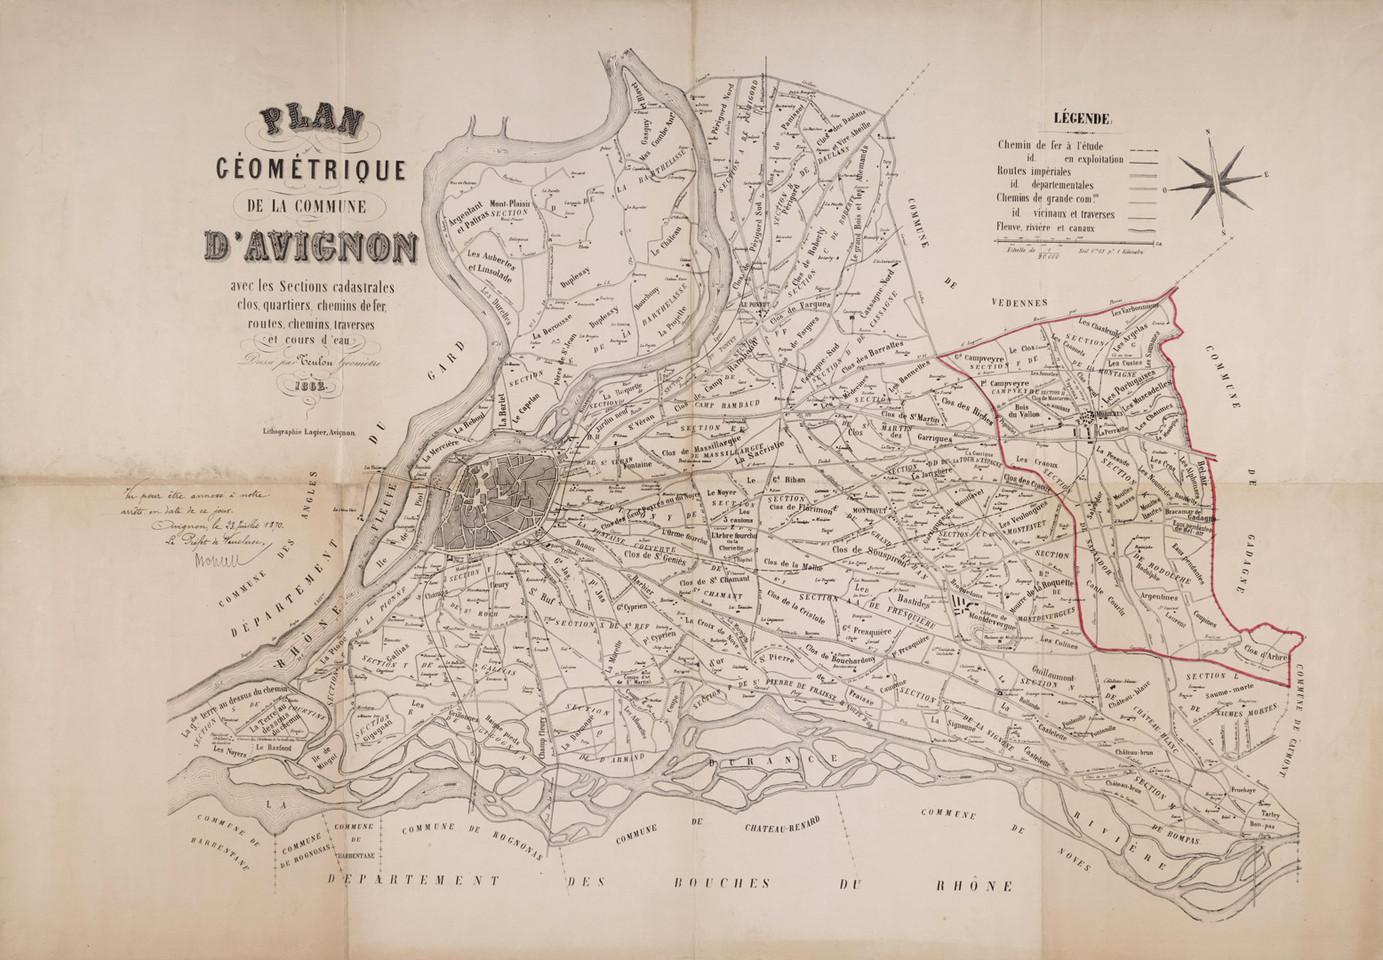 1862 – Plan géométrique de la commune d'Avignon. Tracé délimitant la nouvelle commune de Morières